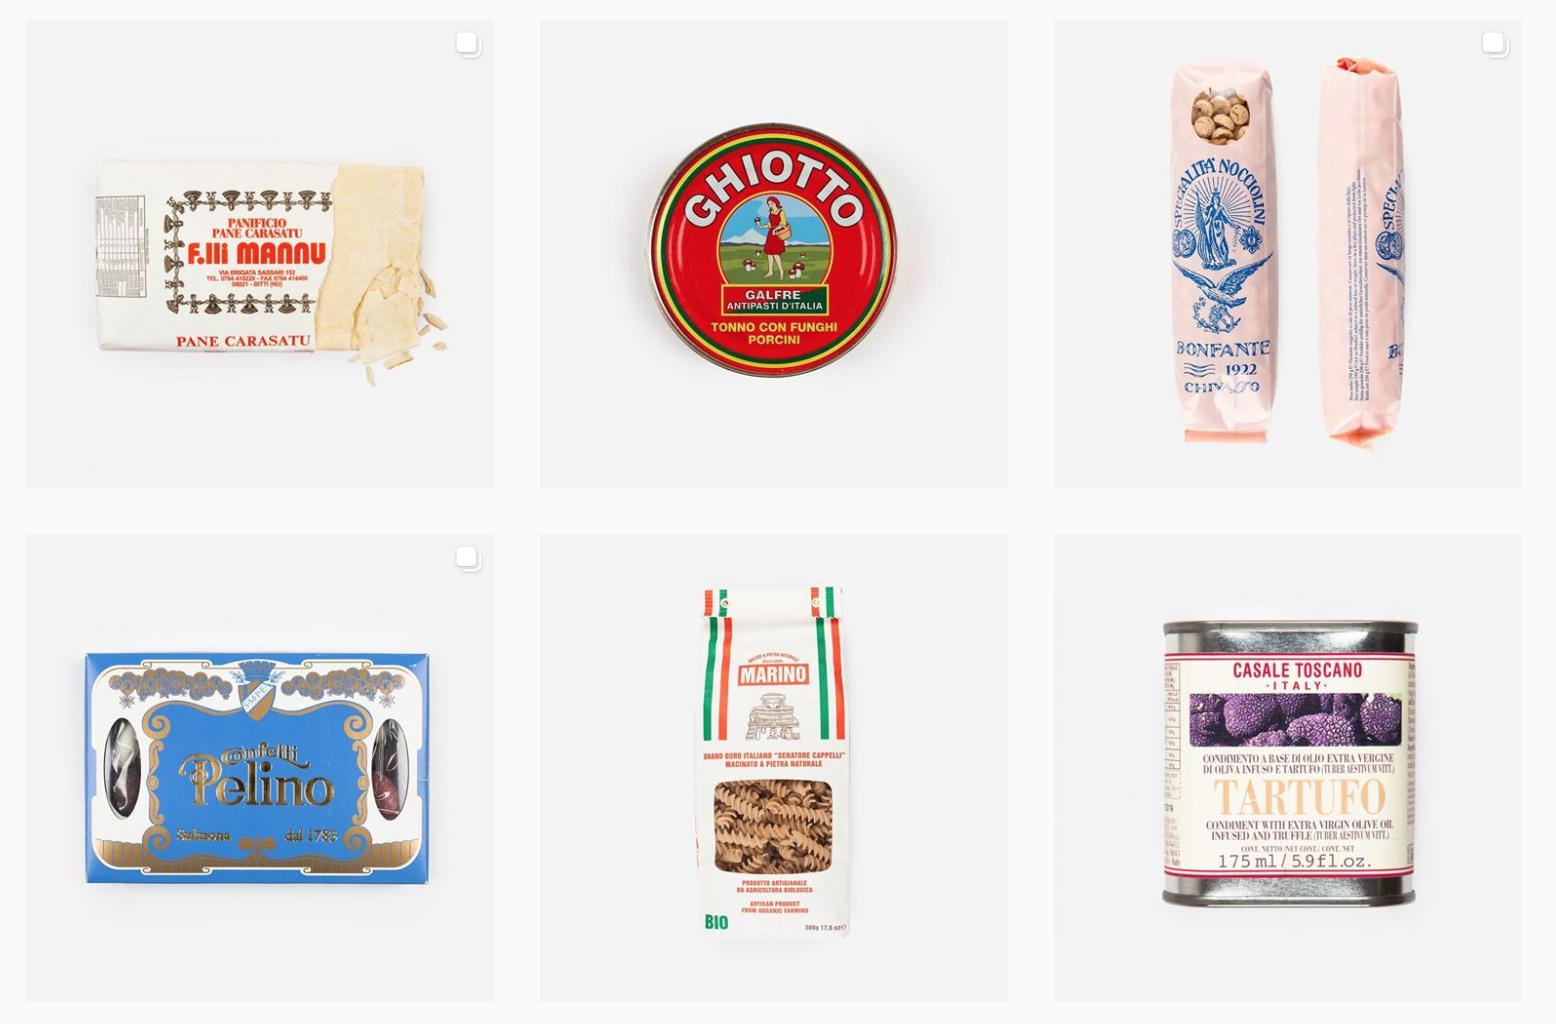 L'account Instagram per riscoprire la bellezza del packaging made in Italy